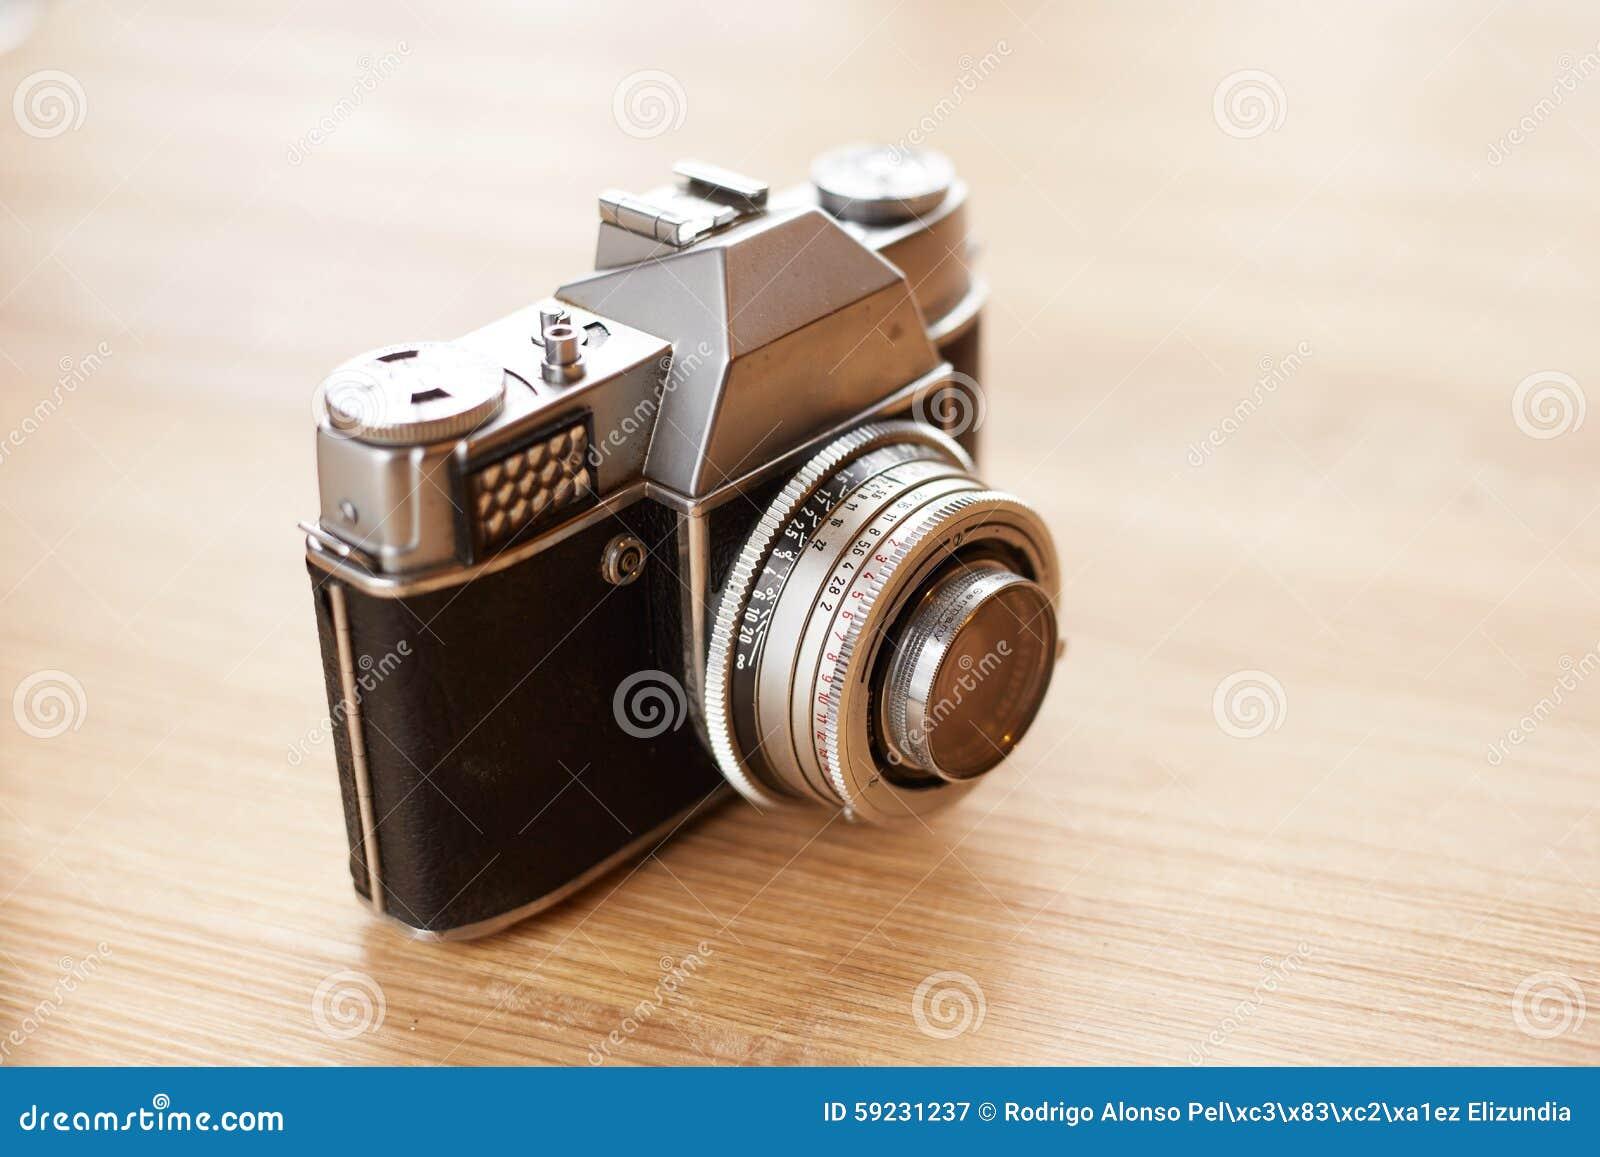 Download Cámara vieja imagen de archivo. Imagen de lente, equipo - 59231237